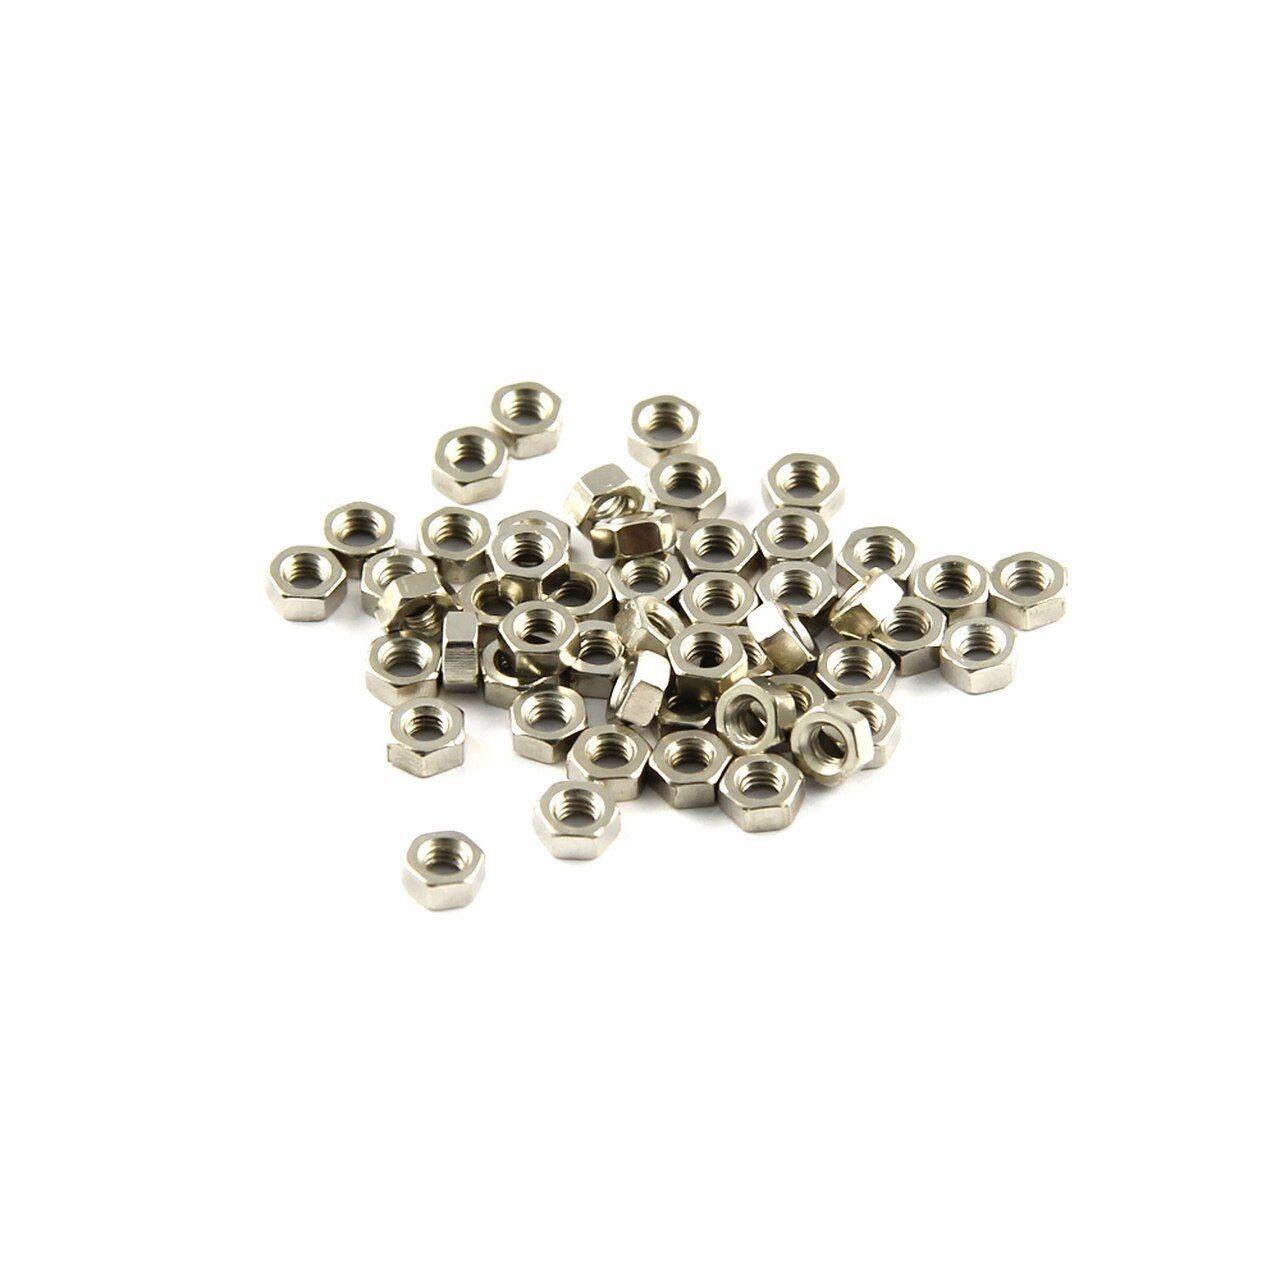 Makeblock Nut 4mm(50-Pack)